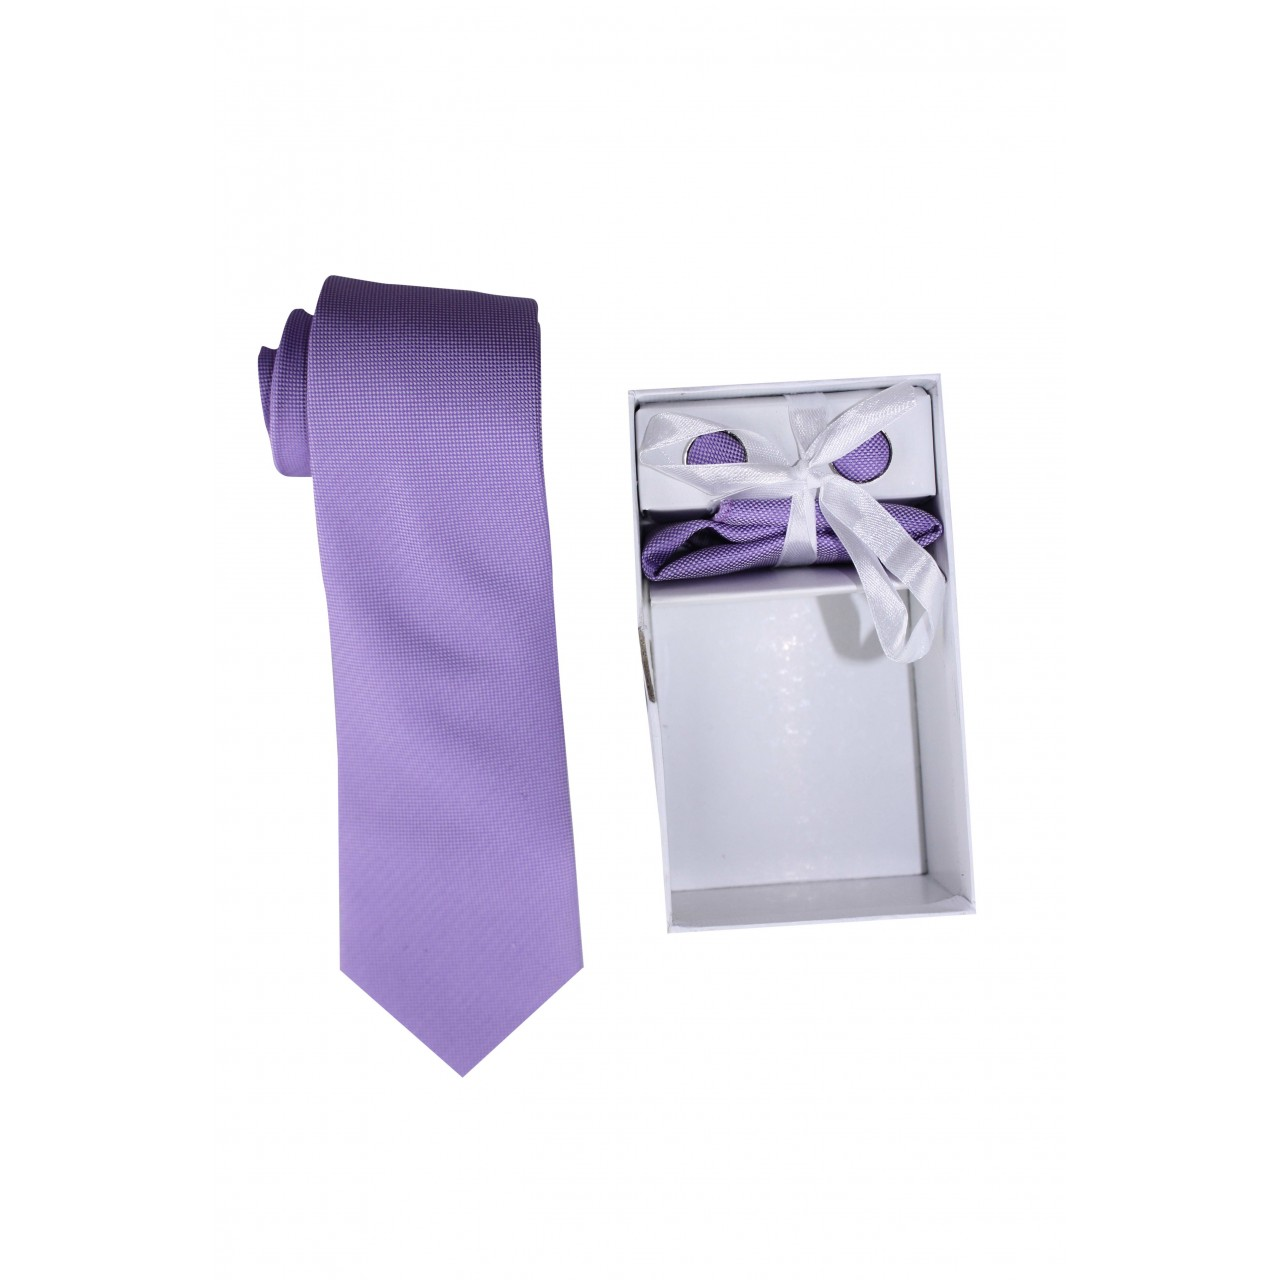 Men's Formal Basic VOGUE LIFE  Violet Shirt - Set